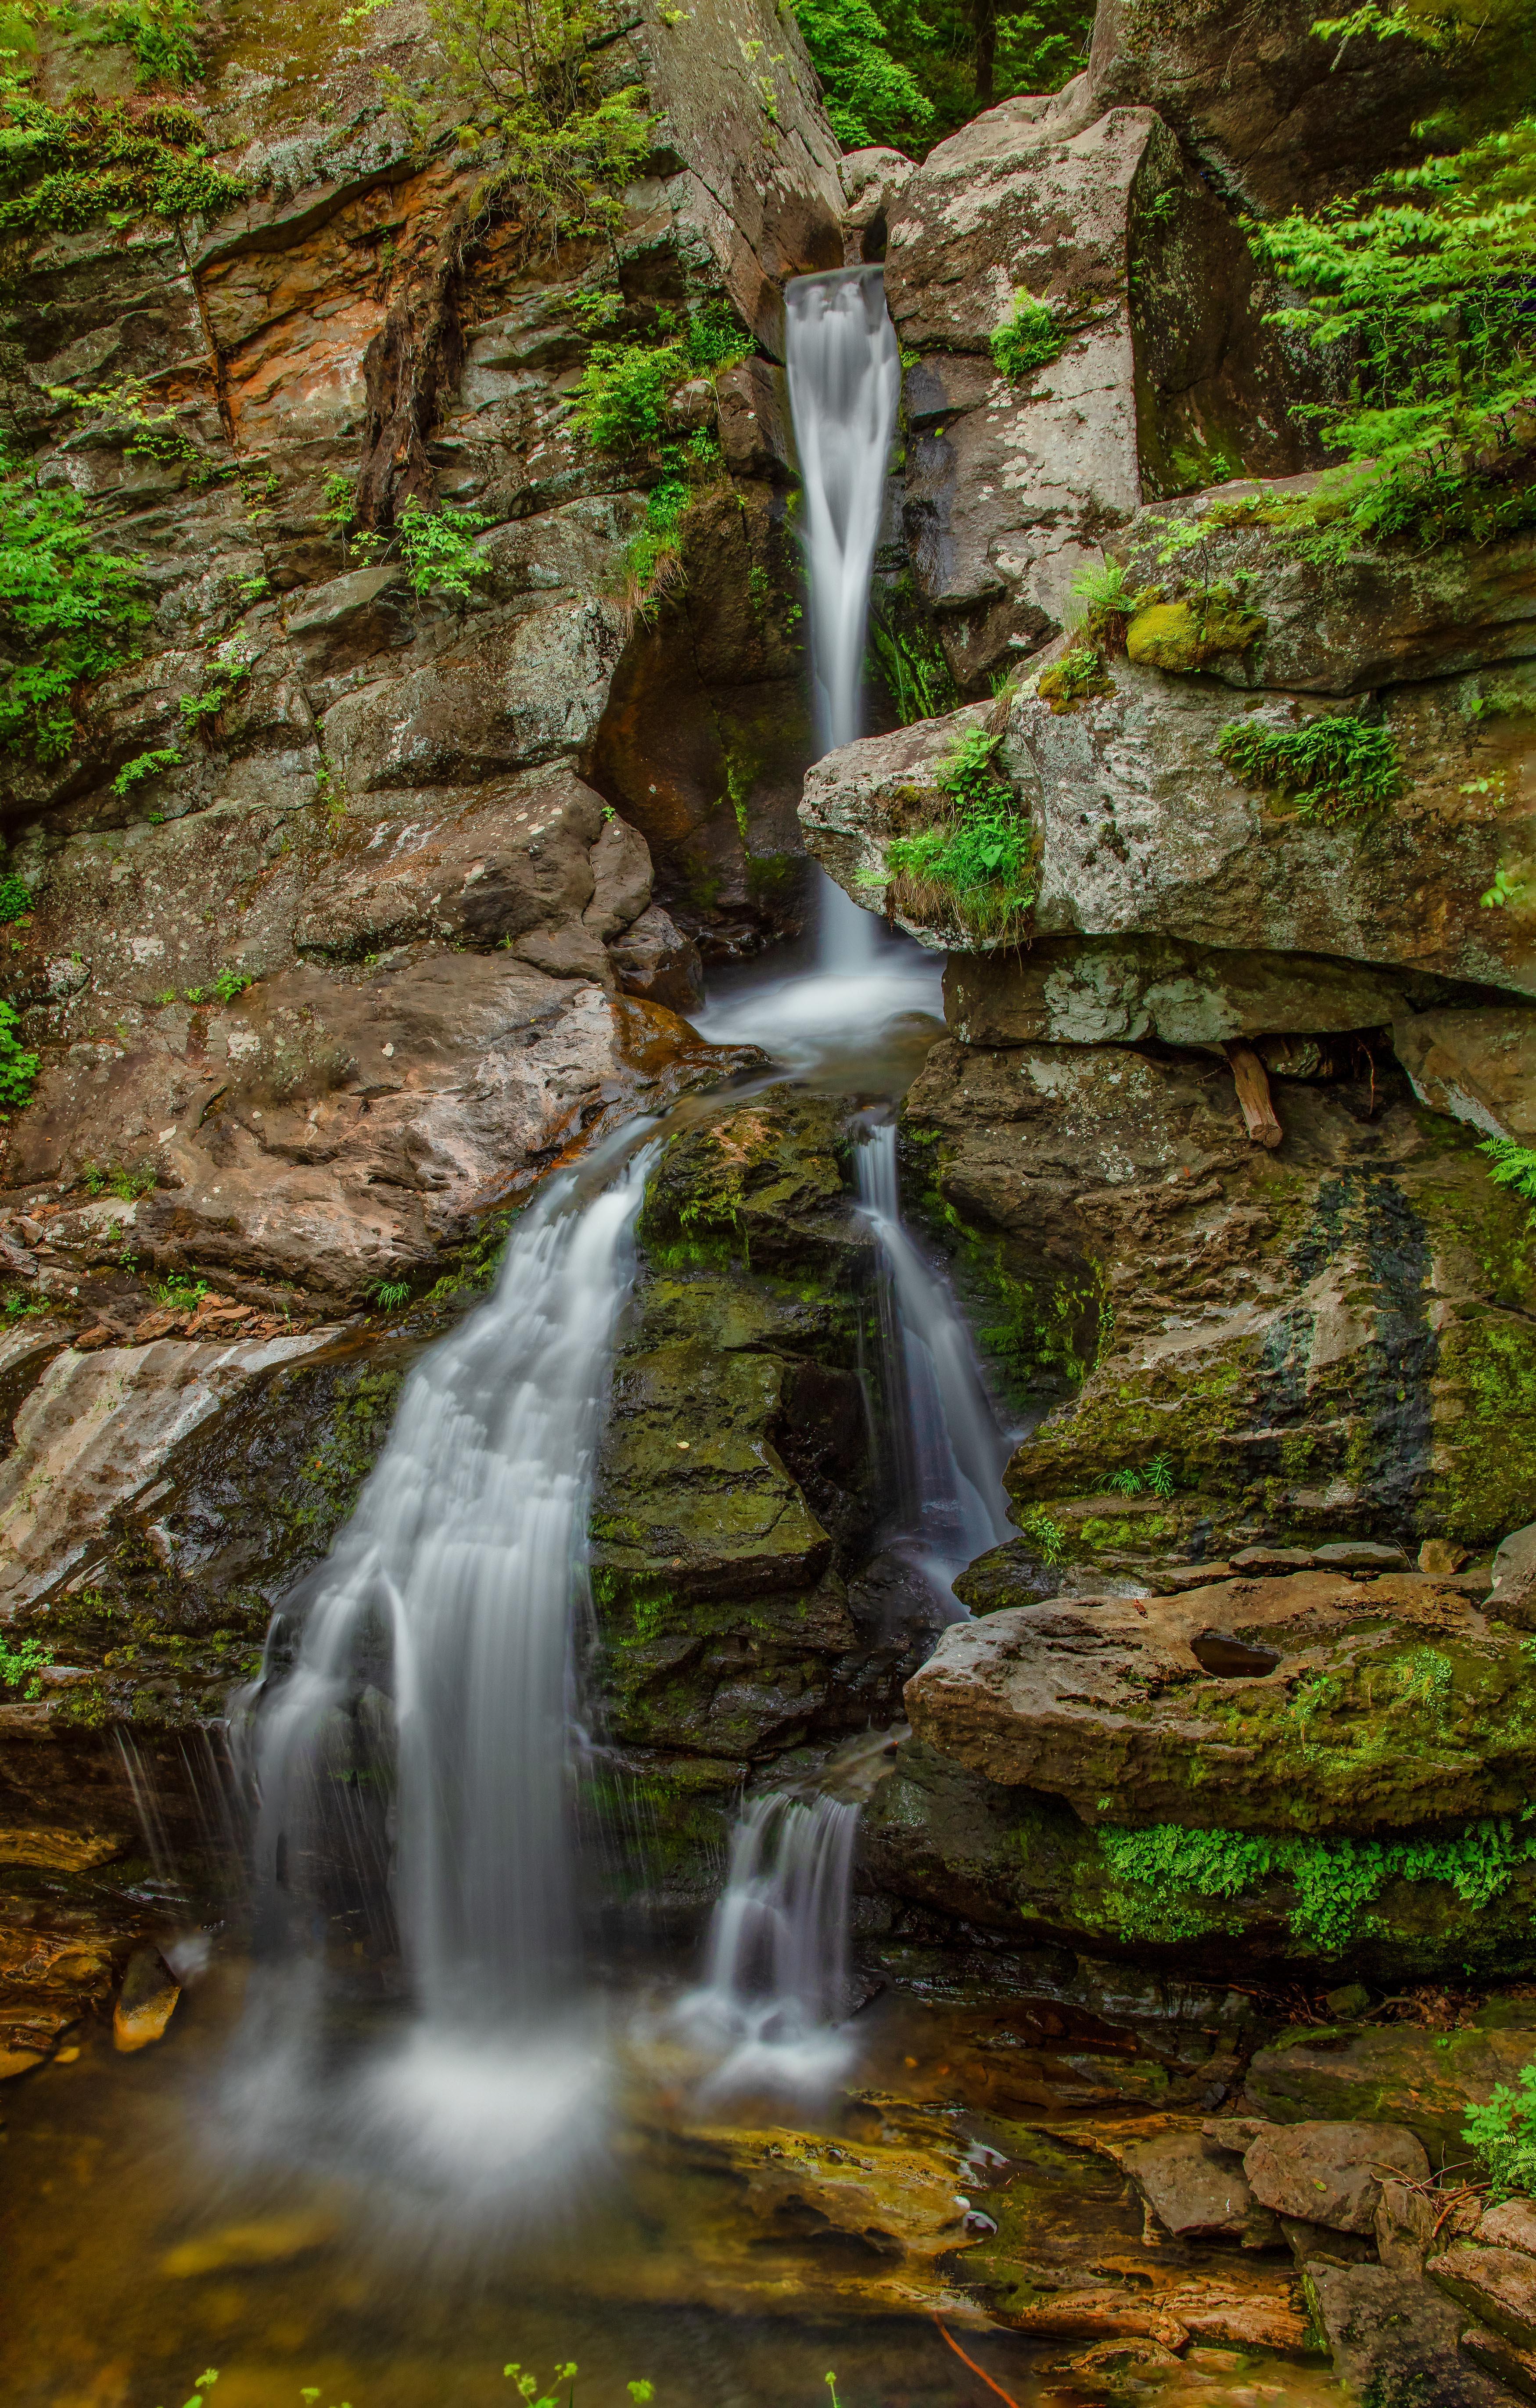 Kent Falls (Upper Falls)